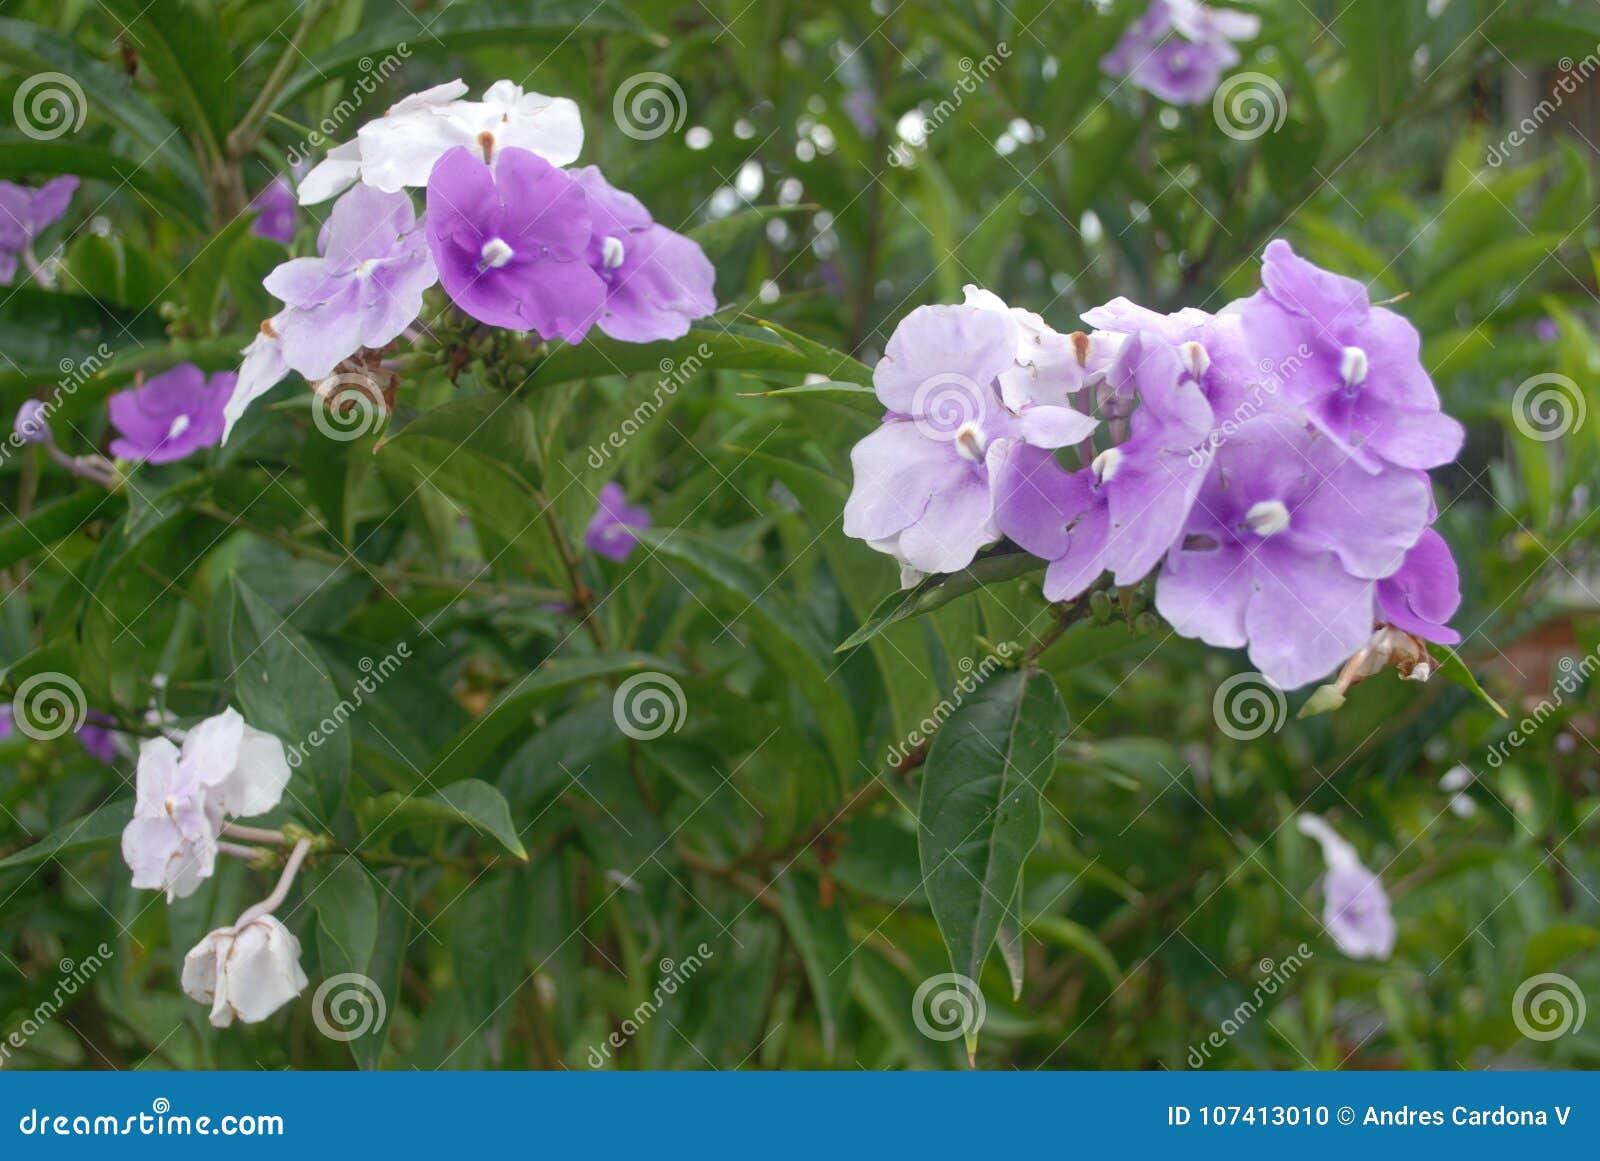 Tiny Purple White Flowers Stock Photo Image Of Roja 107413010